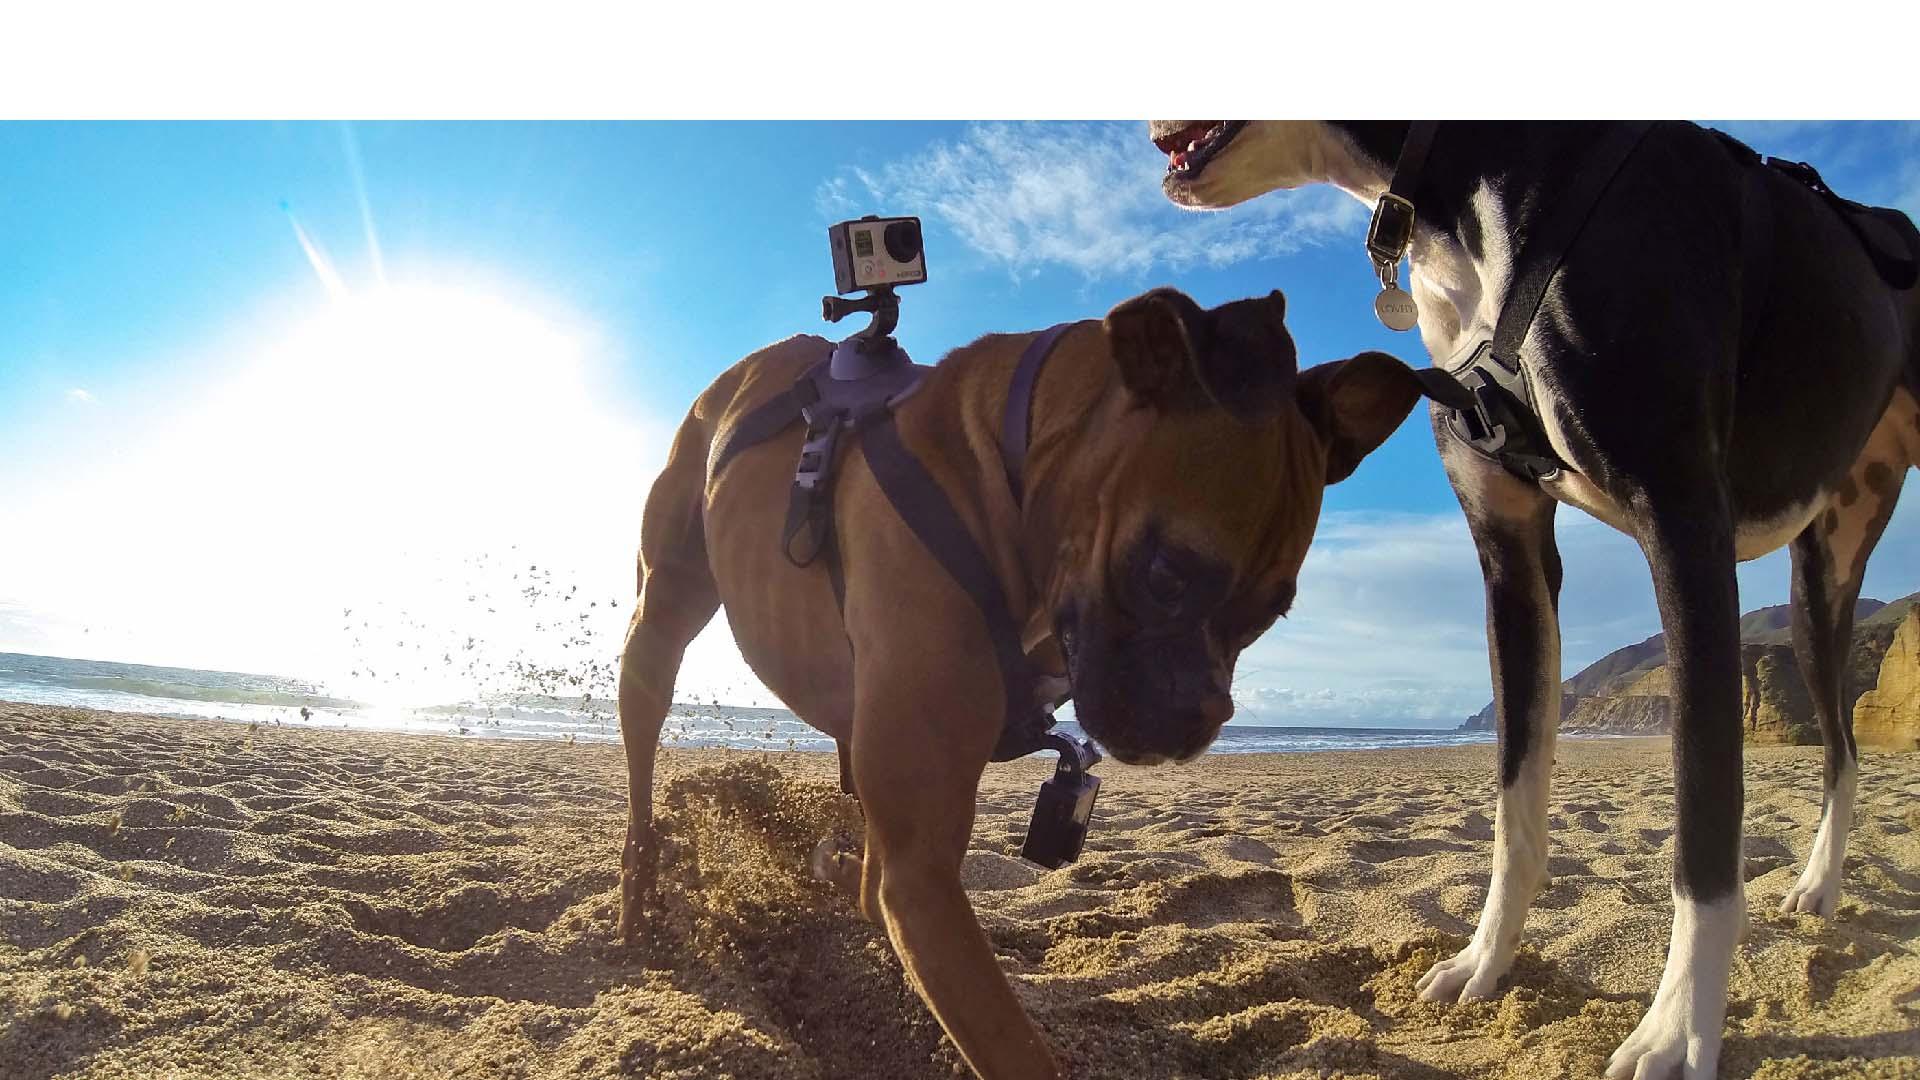 La Firma, participó en una filmación de dos minutos en donde se dramatizan diferentes deportes extremos con mascotas